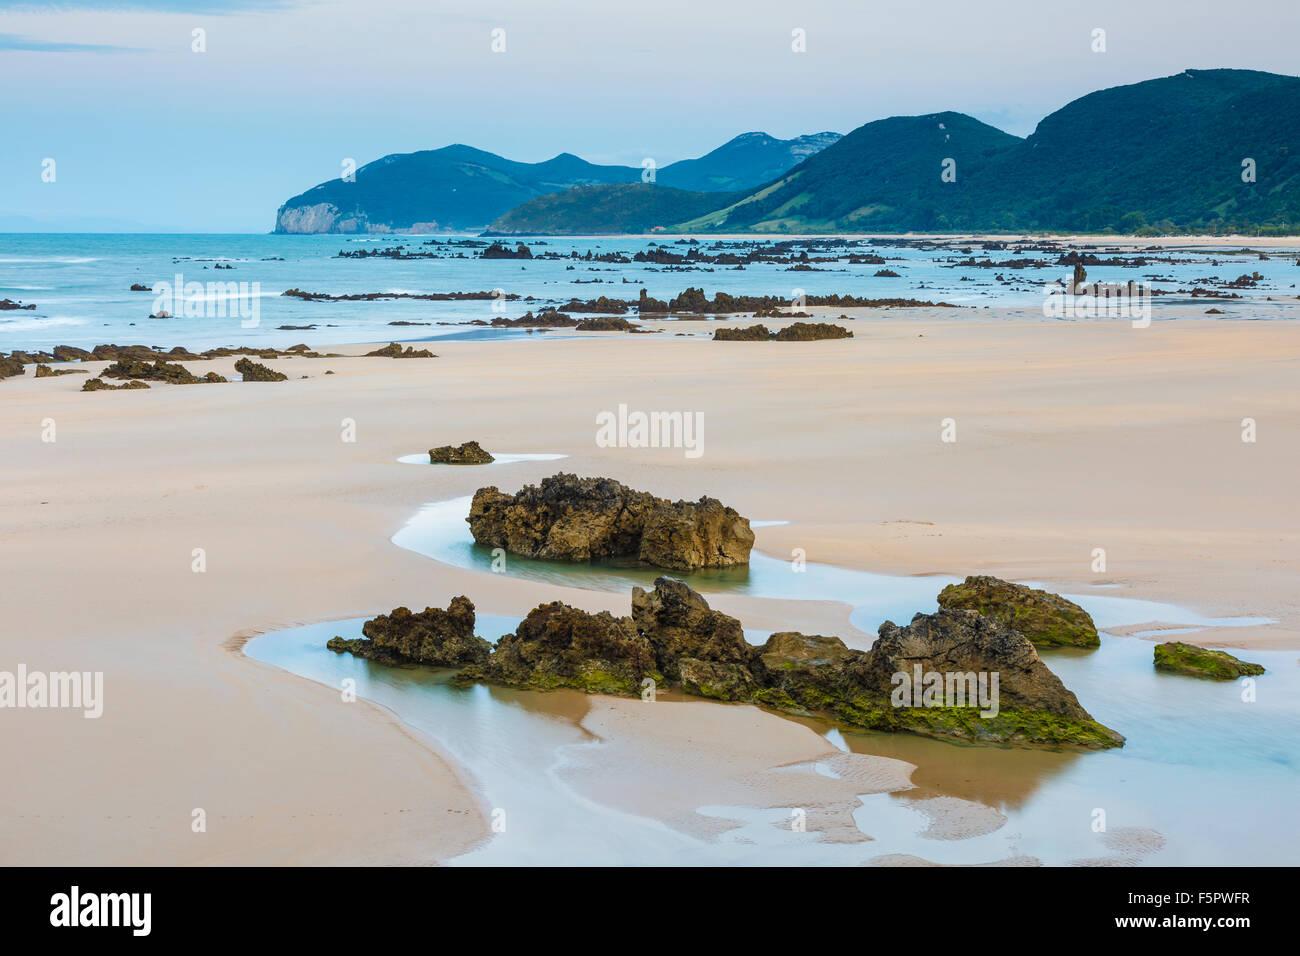 Trengandin beach. Noja, Cantabria, Spain, Europe. - Stock Image